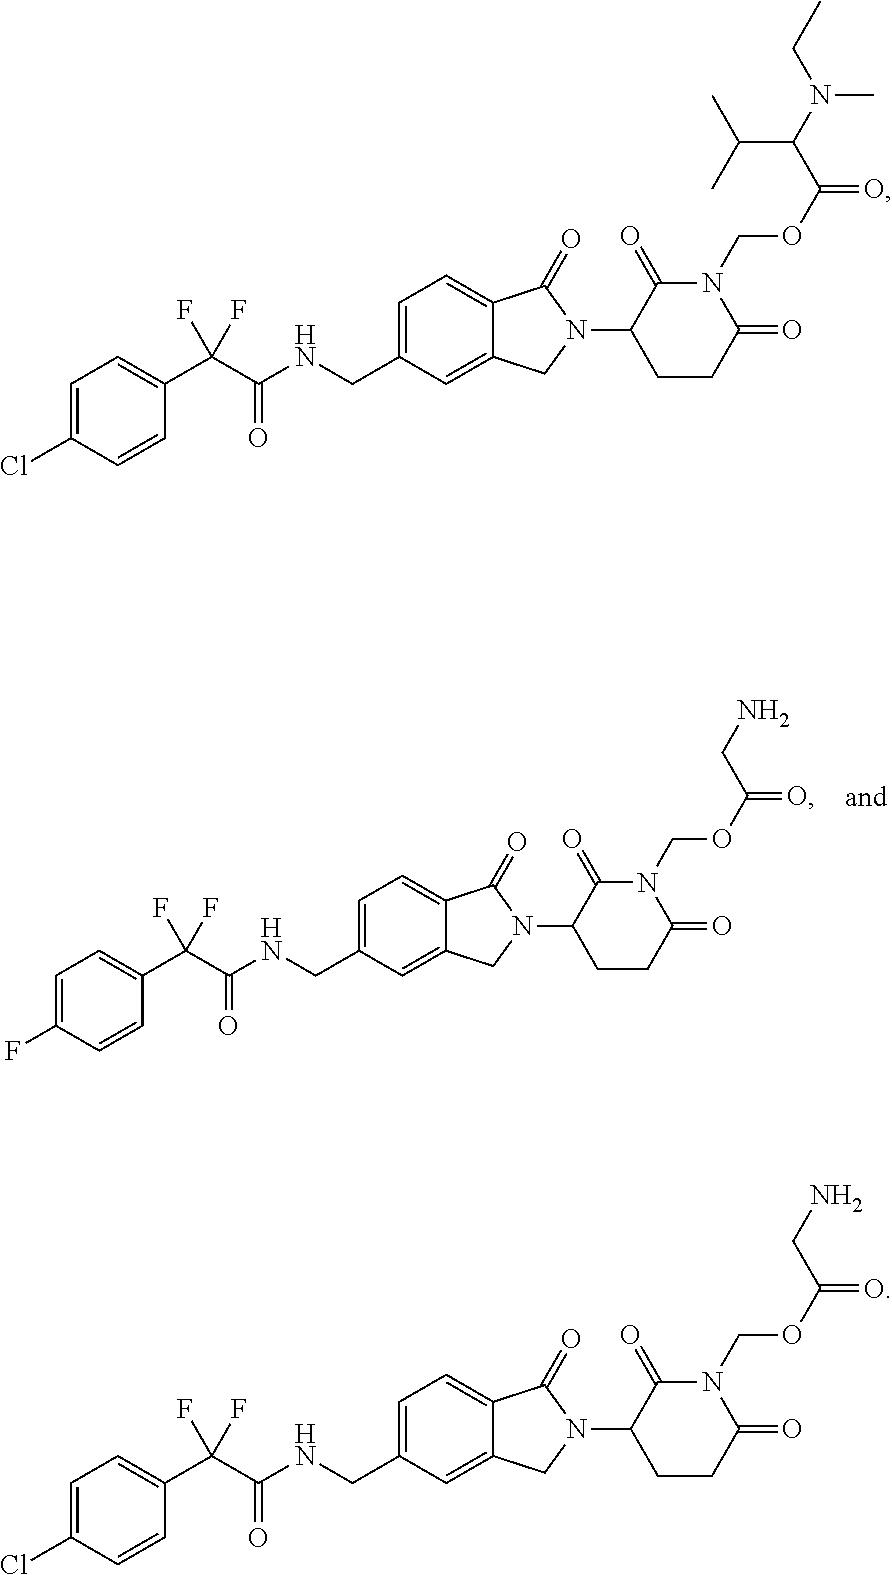 Figure US09938254-20180410-C00029